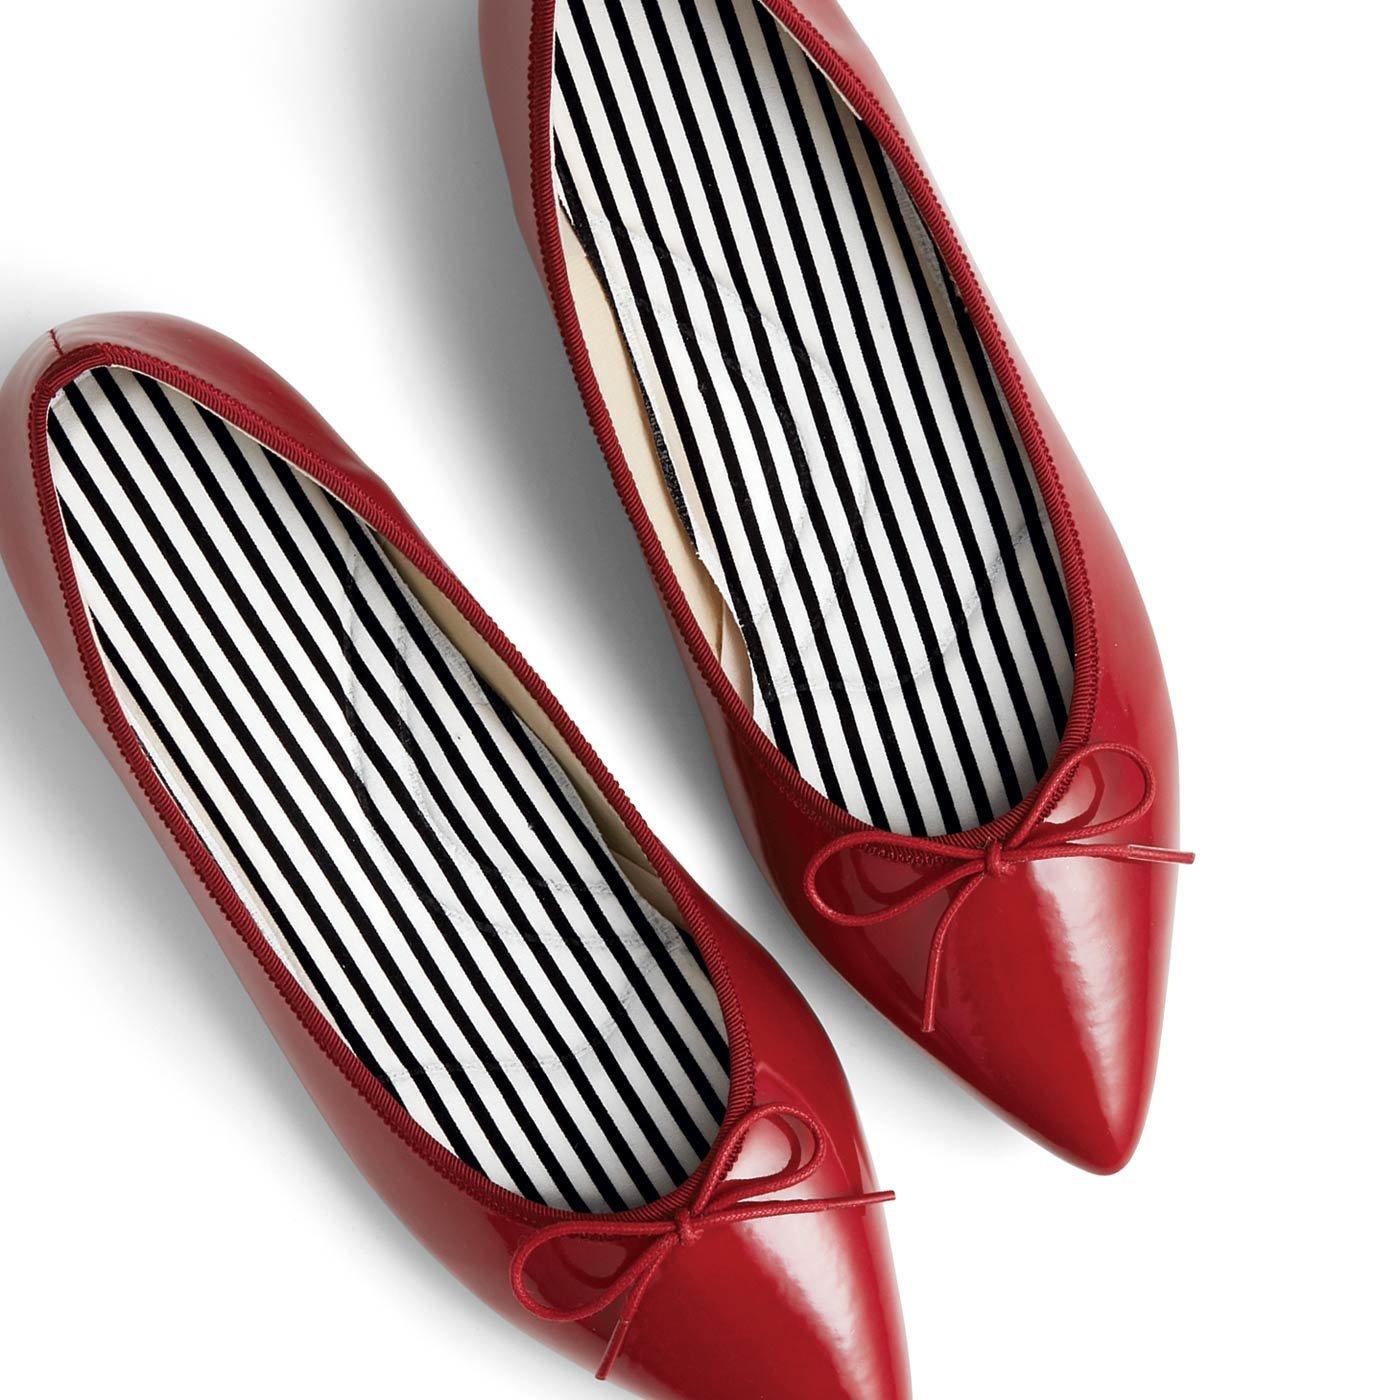 足もと美人のための 靴のかかと外減り対策消臭モノトーンインソールの会